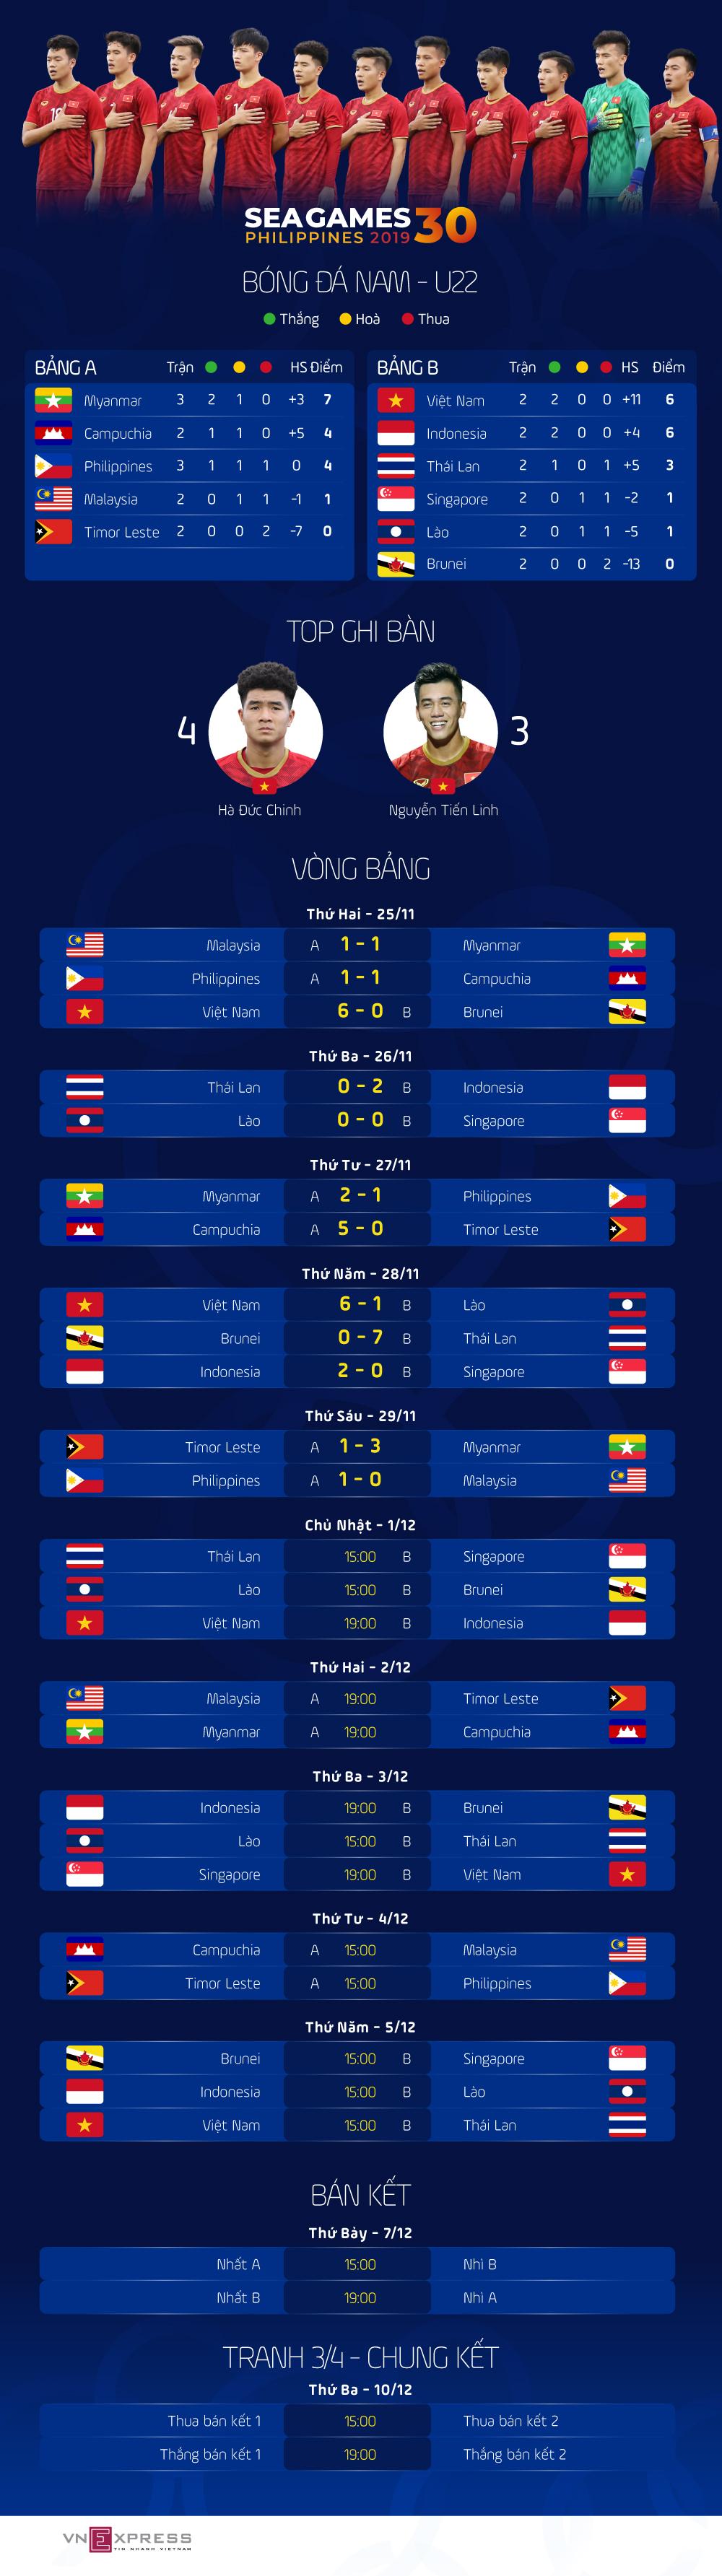 Lịch đấu và bảng điểm bóng đá nam SEA Games 2019